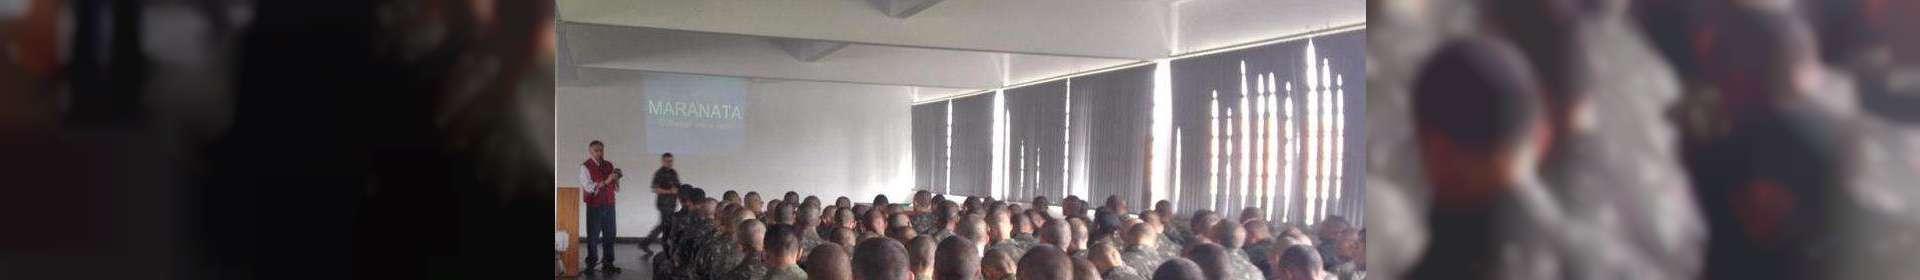 Igreja Cristã Maranata realiza culto no 5º Batalhão Logístico do Exército brasileiro